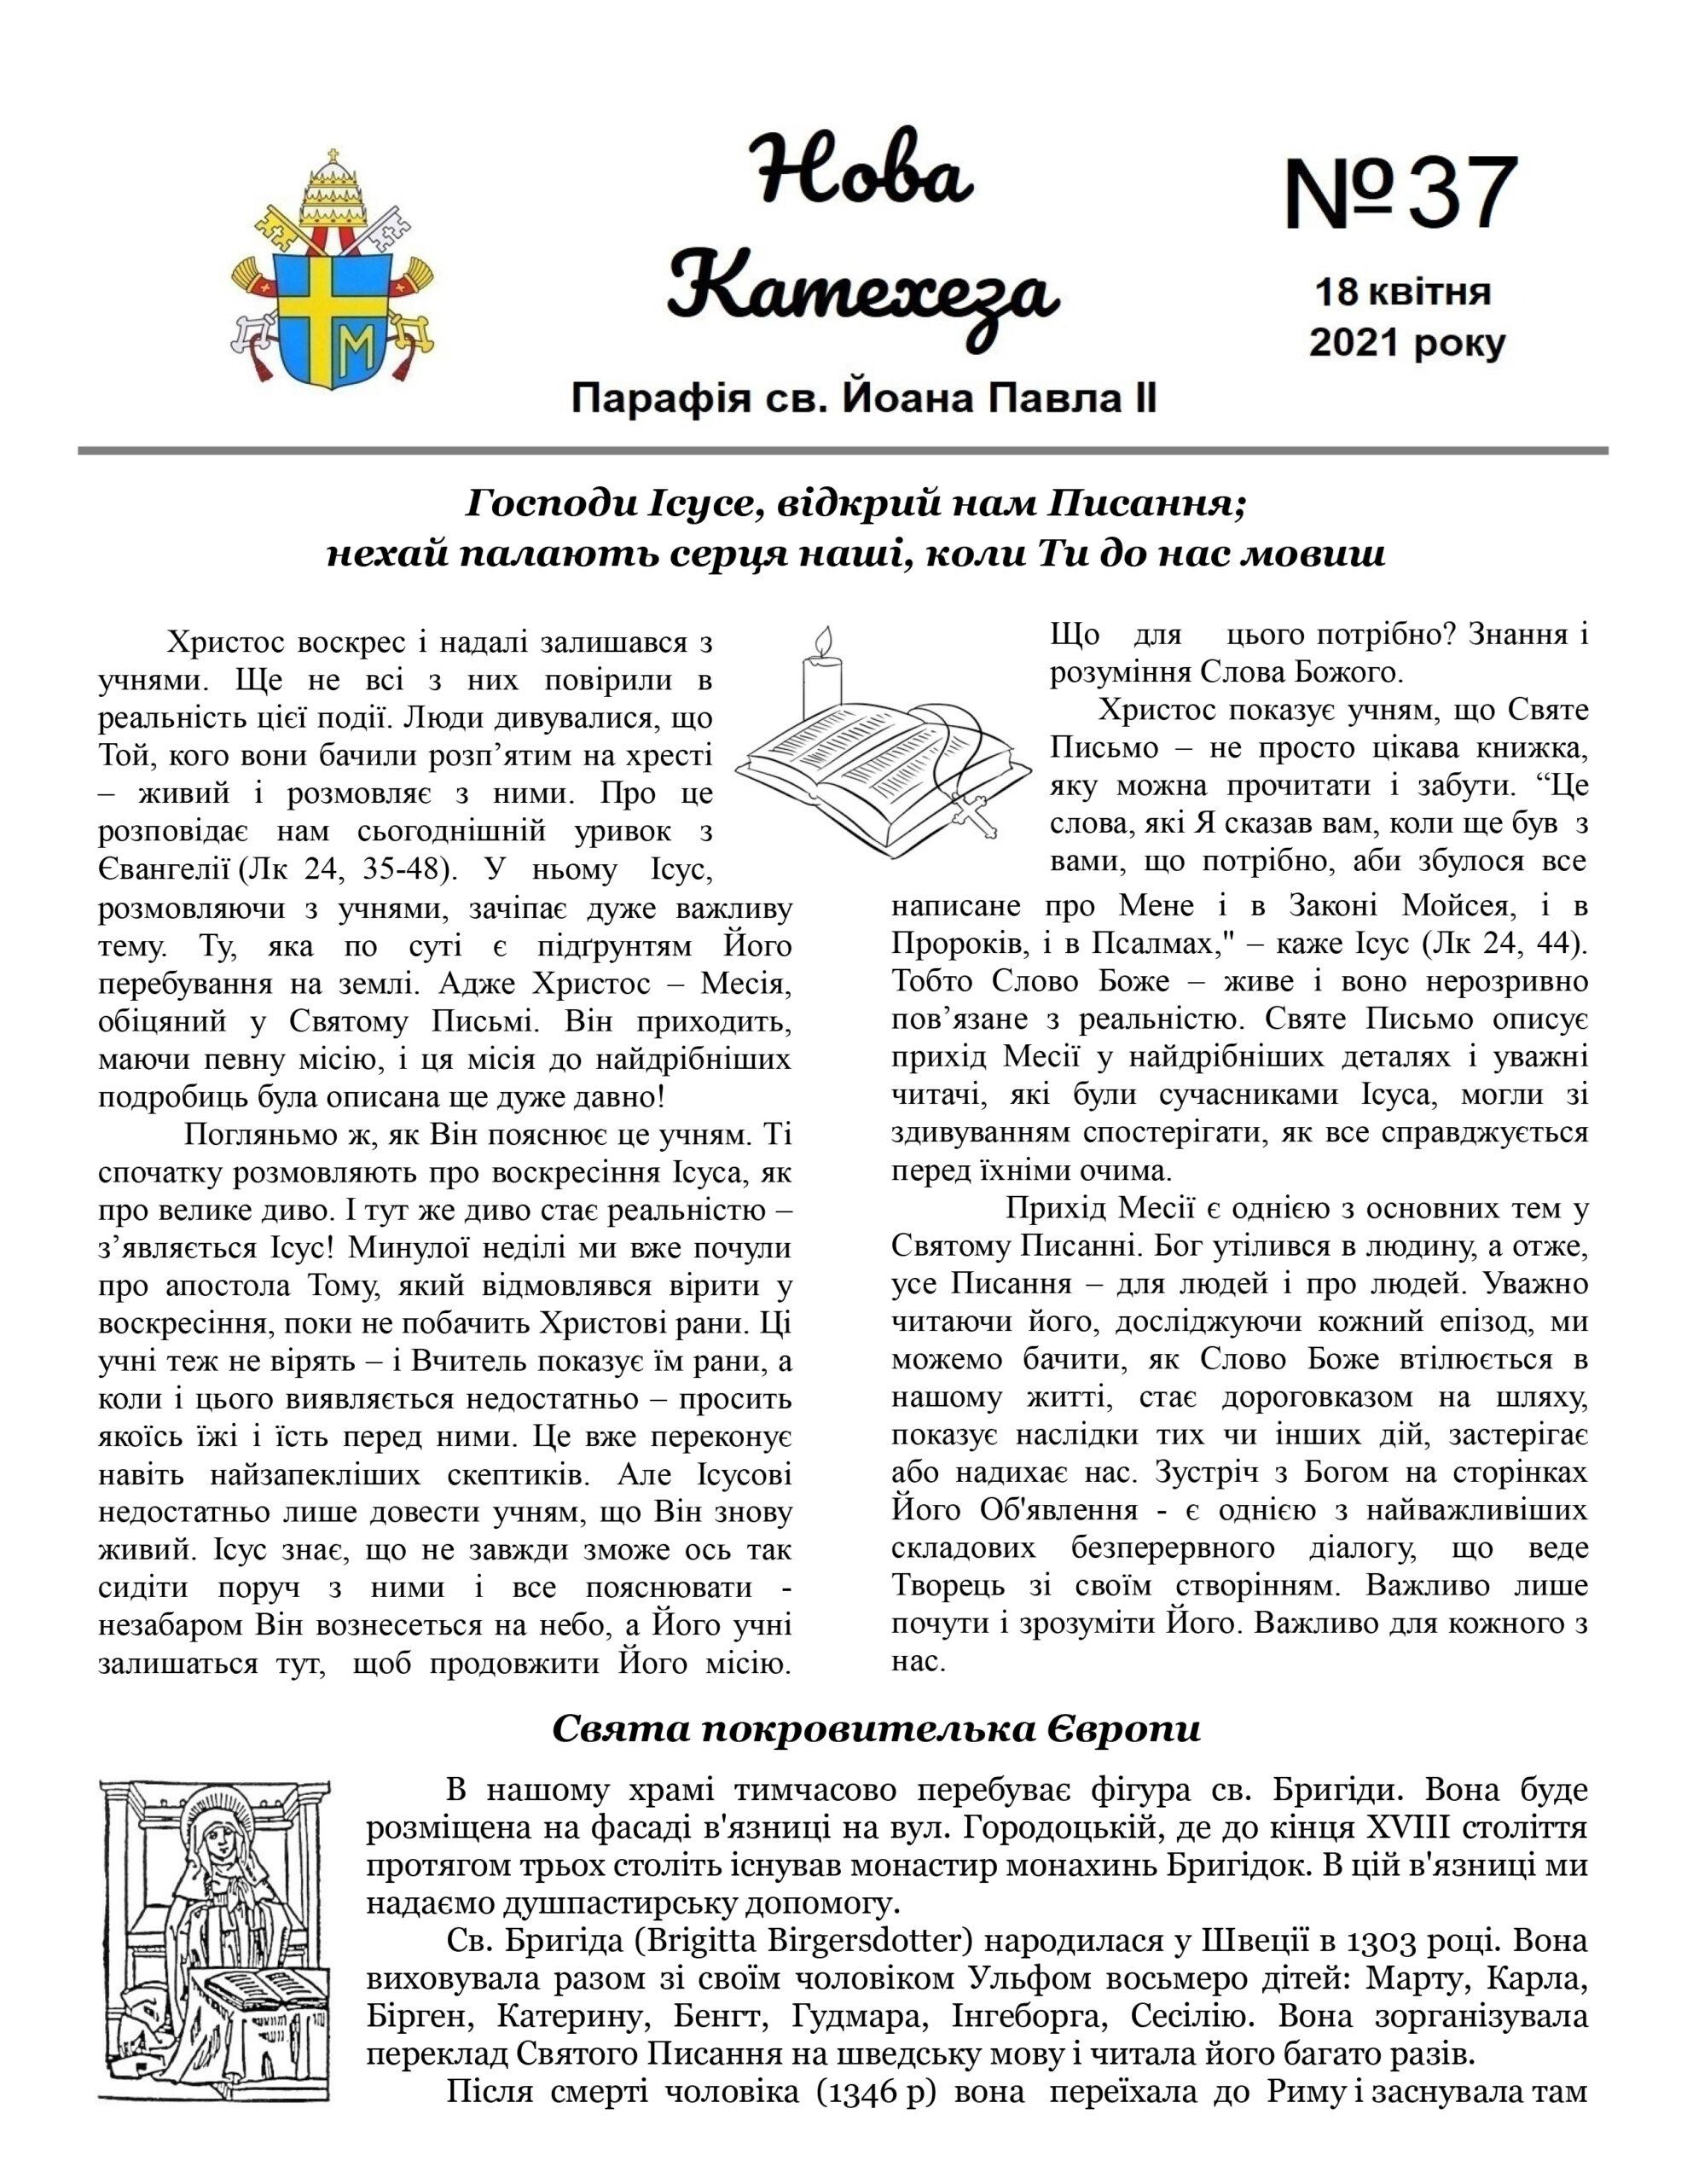 37-й номер парафіяльної газети